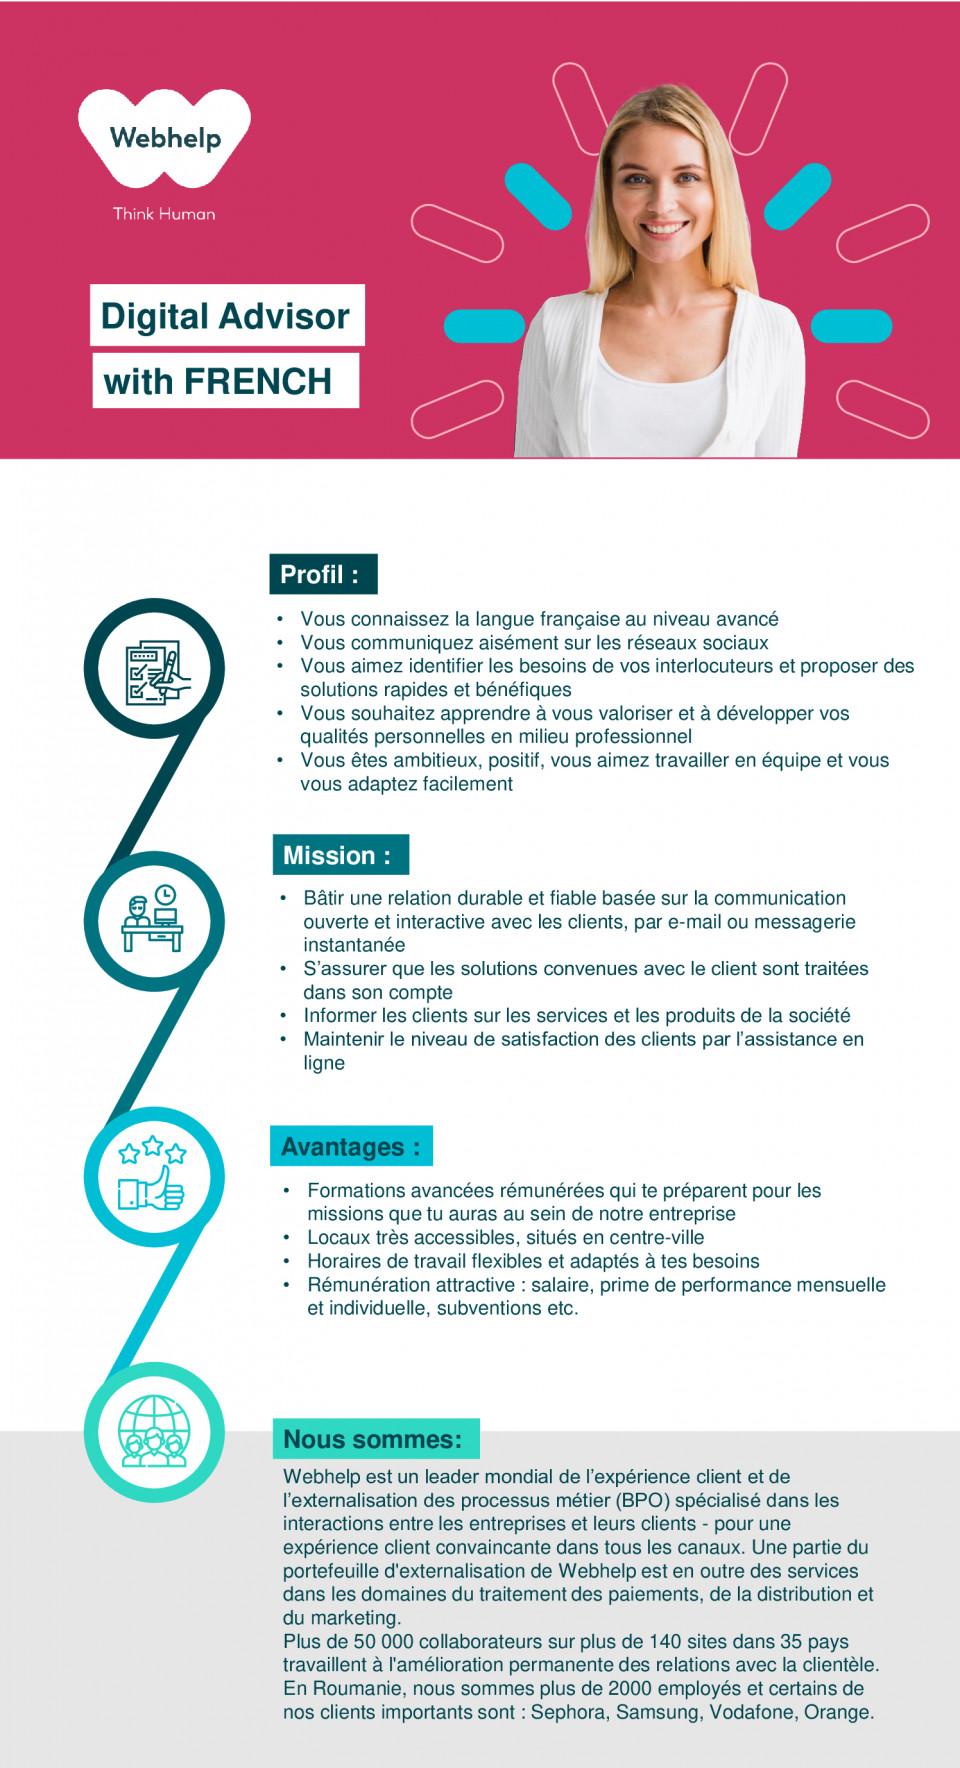 Digital Advisor with French (Telecom Project)  consilier clienti, customer support, french, franceza, customer care  PROFIL : ✓ Vous connaissez la langue française au niveau avancé ✓ Vous communiquez aisément sur les réseaux sociaux ✓ Vous aimez identifier les besoins de vos interlocuteurs et proposer des solutions rapides et bénéfiques ✓ Vous souhaitez apprendre à vous valoriser et à développer vos qualités personnelles en milieu professionnel ✓ Vous êtes ambitieux, positif, vous aimez travailler en équipe et vous vous adaptez facilement MISSION : ✓ Bâtir une relation durable et fiable basée sur la communication ouverte et interactive avec les clients, par e-mail ou messagerie instantanée ✓ S'assurer que les solutions convenues avec le client sont traitées dans son compte ✓ Informer les clients sur les services et les produits de la société ✓ Maintenir le niveau de satisfaction des clients par l'assistance en ligne NOUS SOMMES : WEBHELP est un leader mondial de l'expérience client et de l'externalisation des processus métier (BPO) spécialisé dans les interactions entre les entreprises et leurs clients - pour une expérience client convaincante dans tous les canaux. Une partie du portefeuille d'externalisation de Webhelp est en outre des services dans les domaines du traitement des paiements, de la distribution et du marketing. Plus de 50 000 collaborateurs sur plus de 140 sites dans 35 pays travaillent à l'amélioration permanente des relations avec la clientèle. En Roumanie, nous sommes plus de 2000 employés et certains de nos clients importants sont : Sephora, Samsung, Vodafone, Orange.